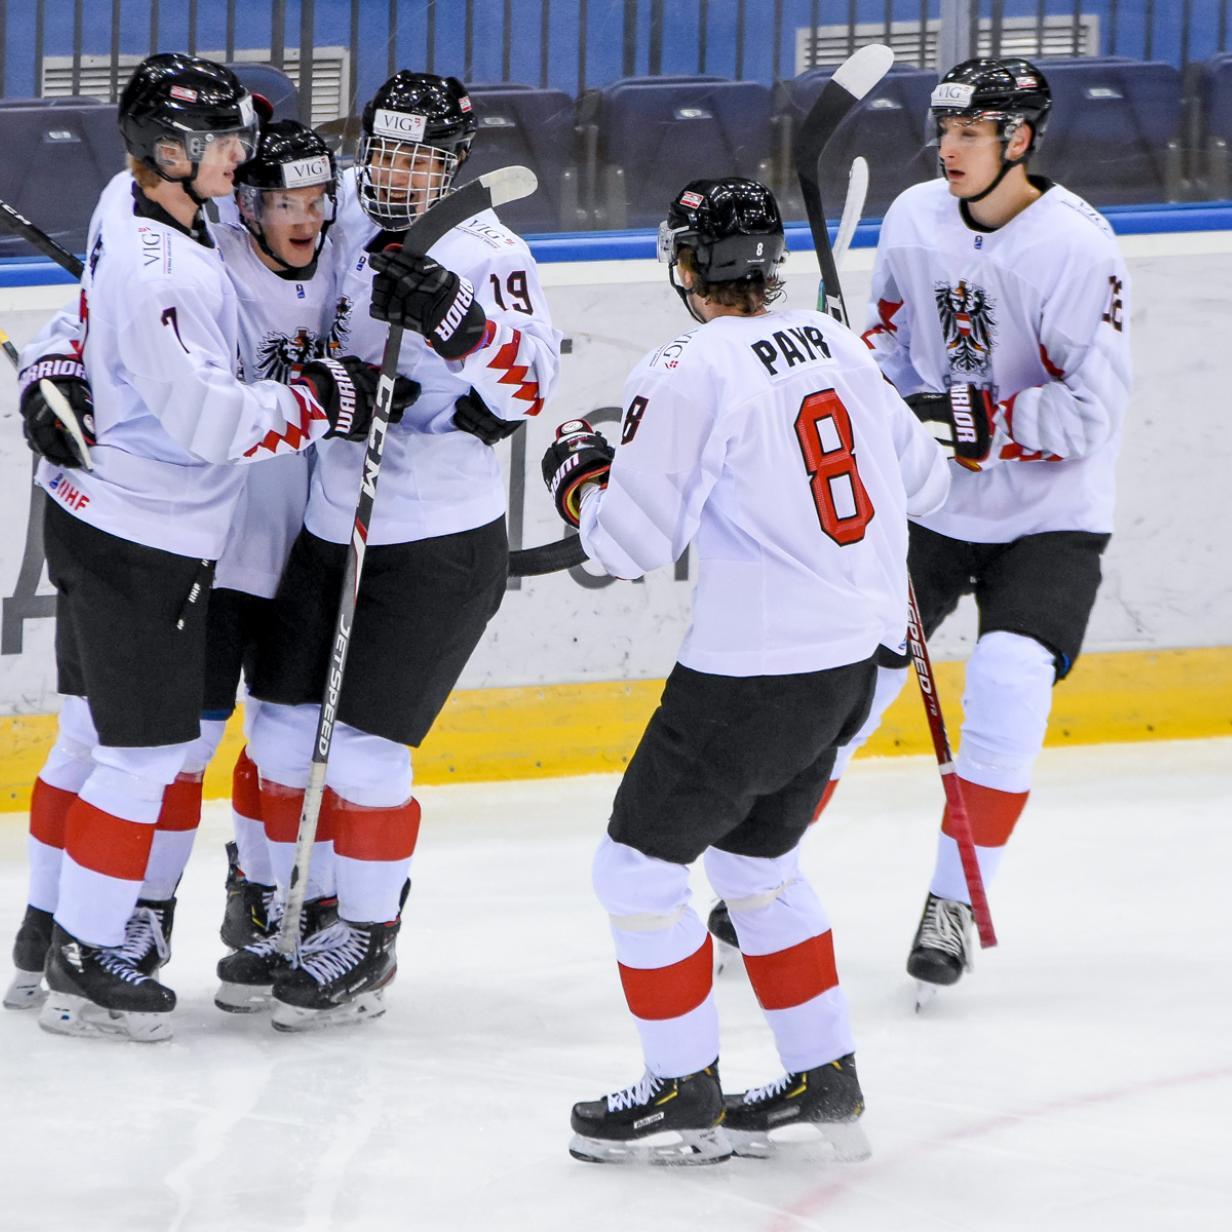 Wie es Österreichs Eishockey-Nachwuchs zur Sensation schaffte